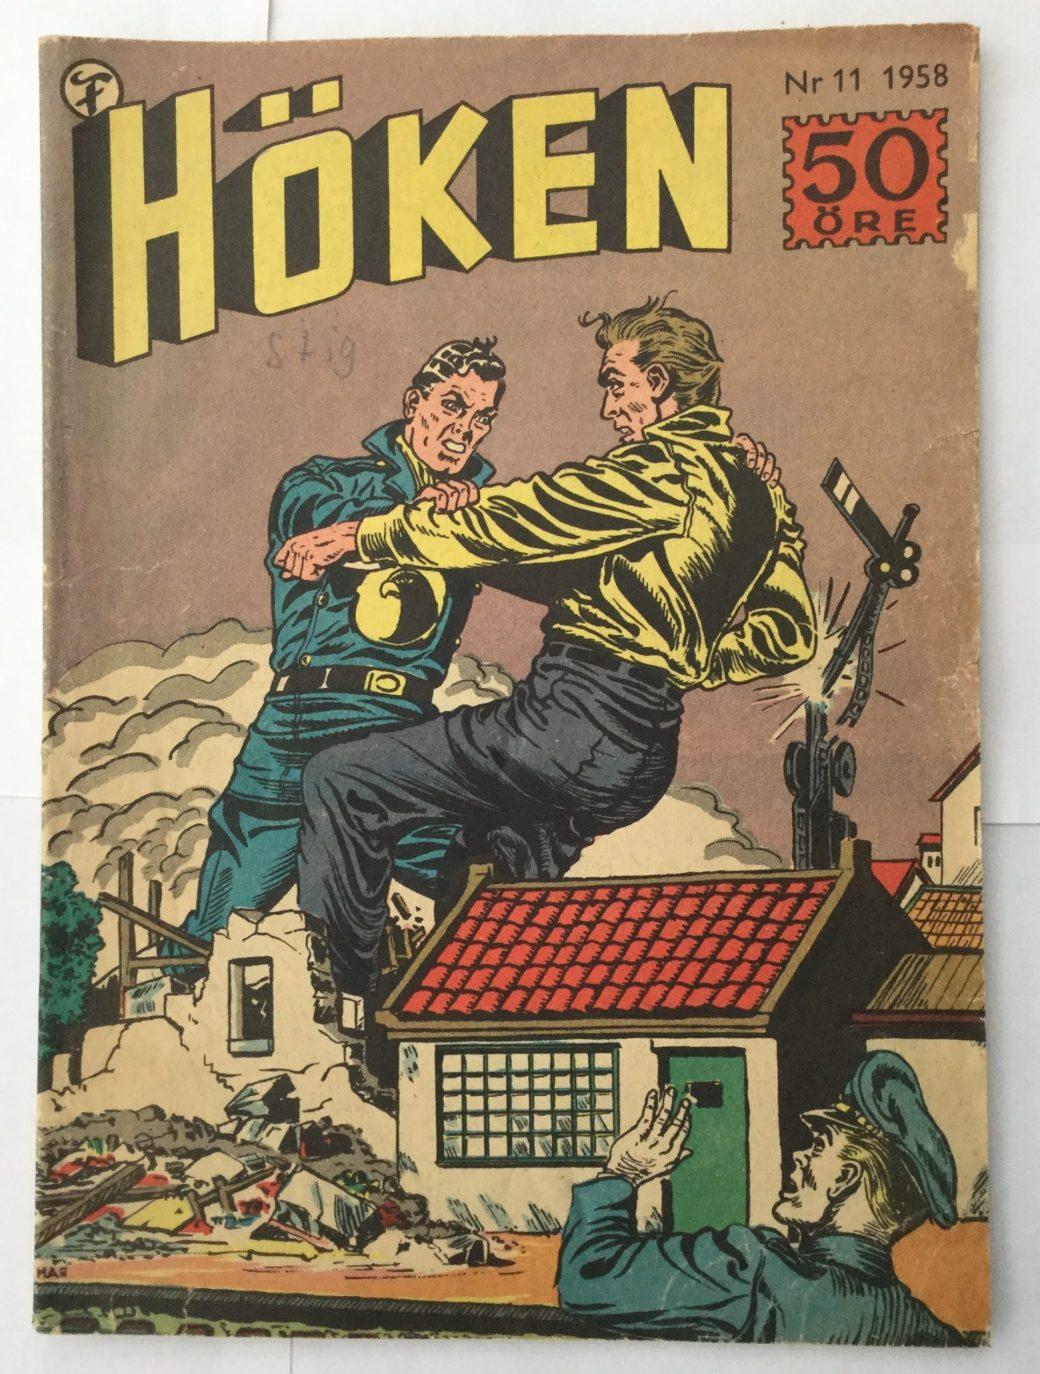 Höken nr 11, 1958